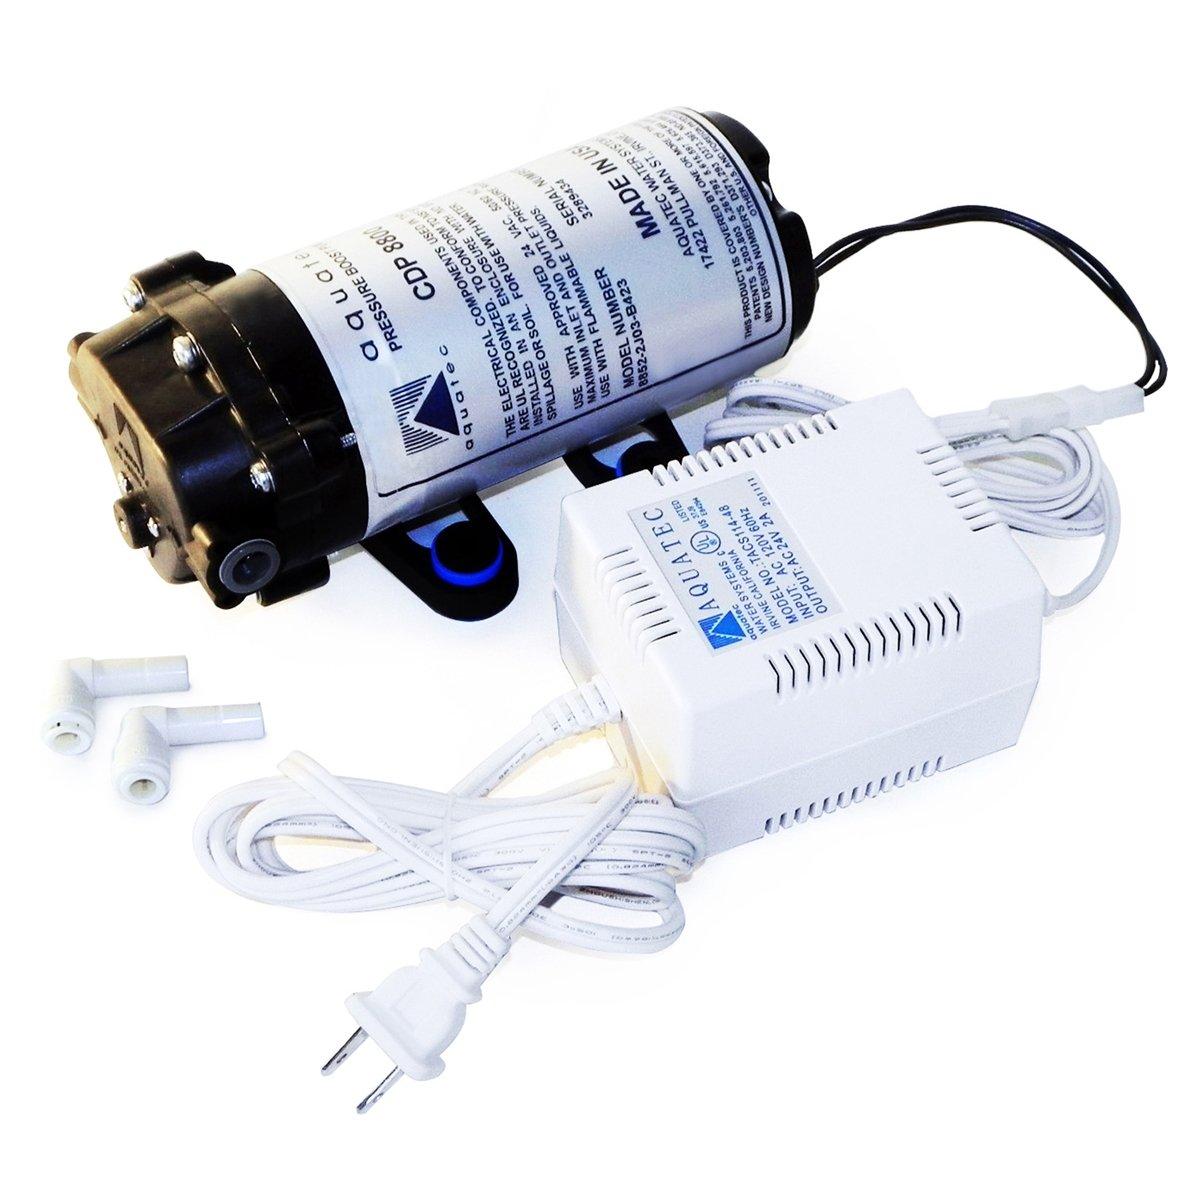 Aquatec AQUATEC-8851-2J03-B423S Booster Pump, 120 GPD